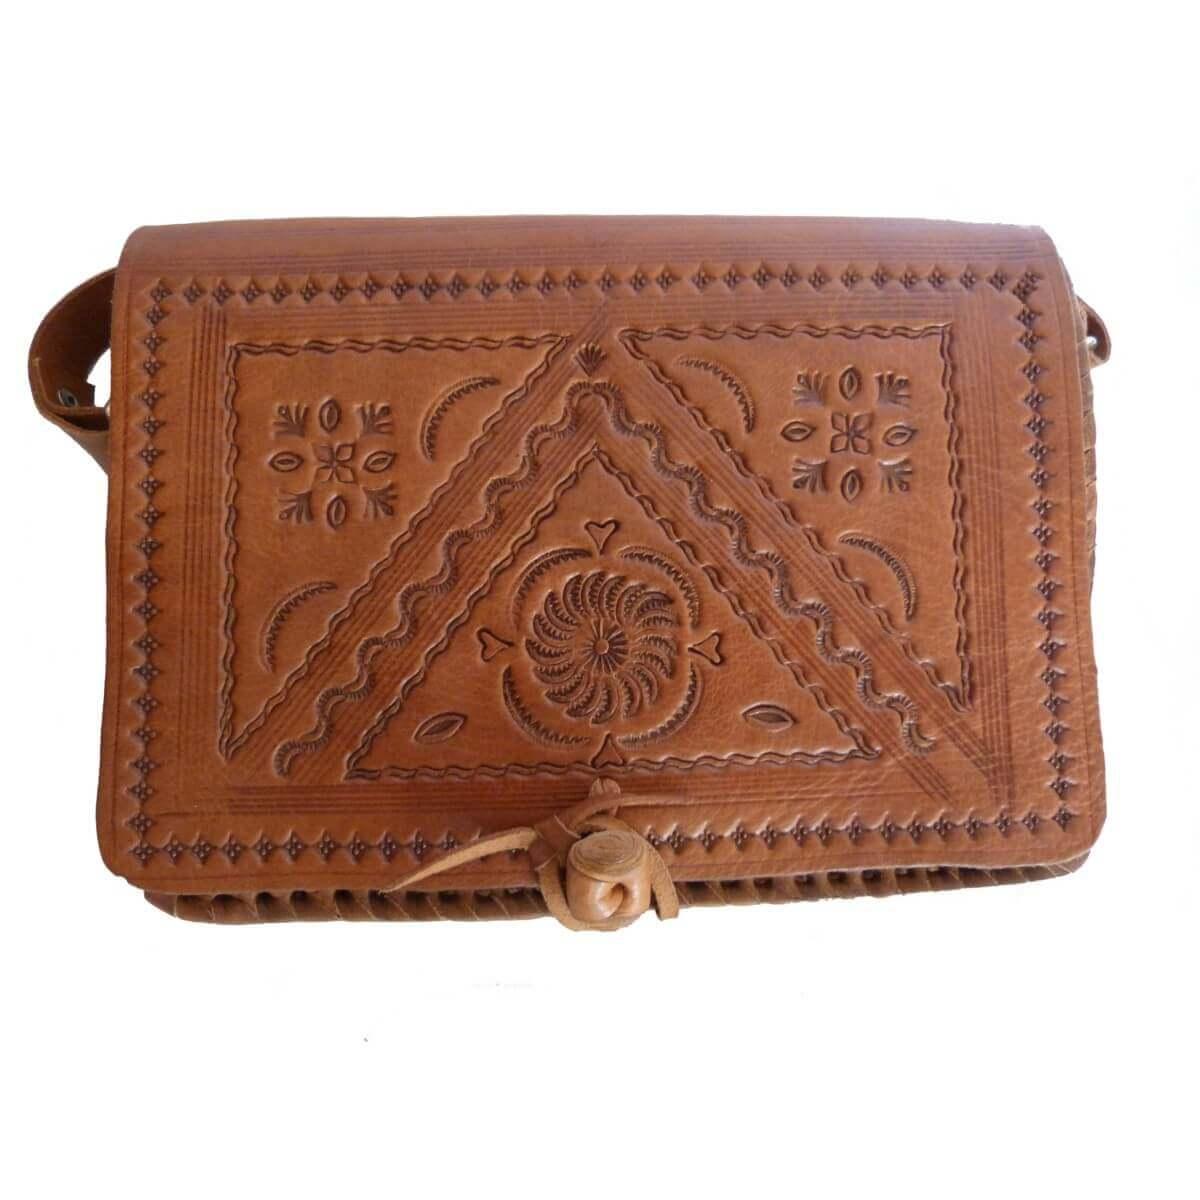 Dodatki Orientalische Umhängetasche Ledertasche Tasche Orient Dunkelbraun